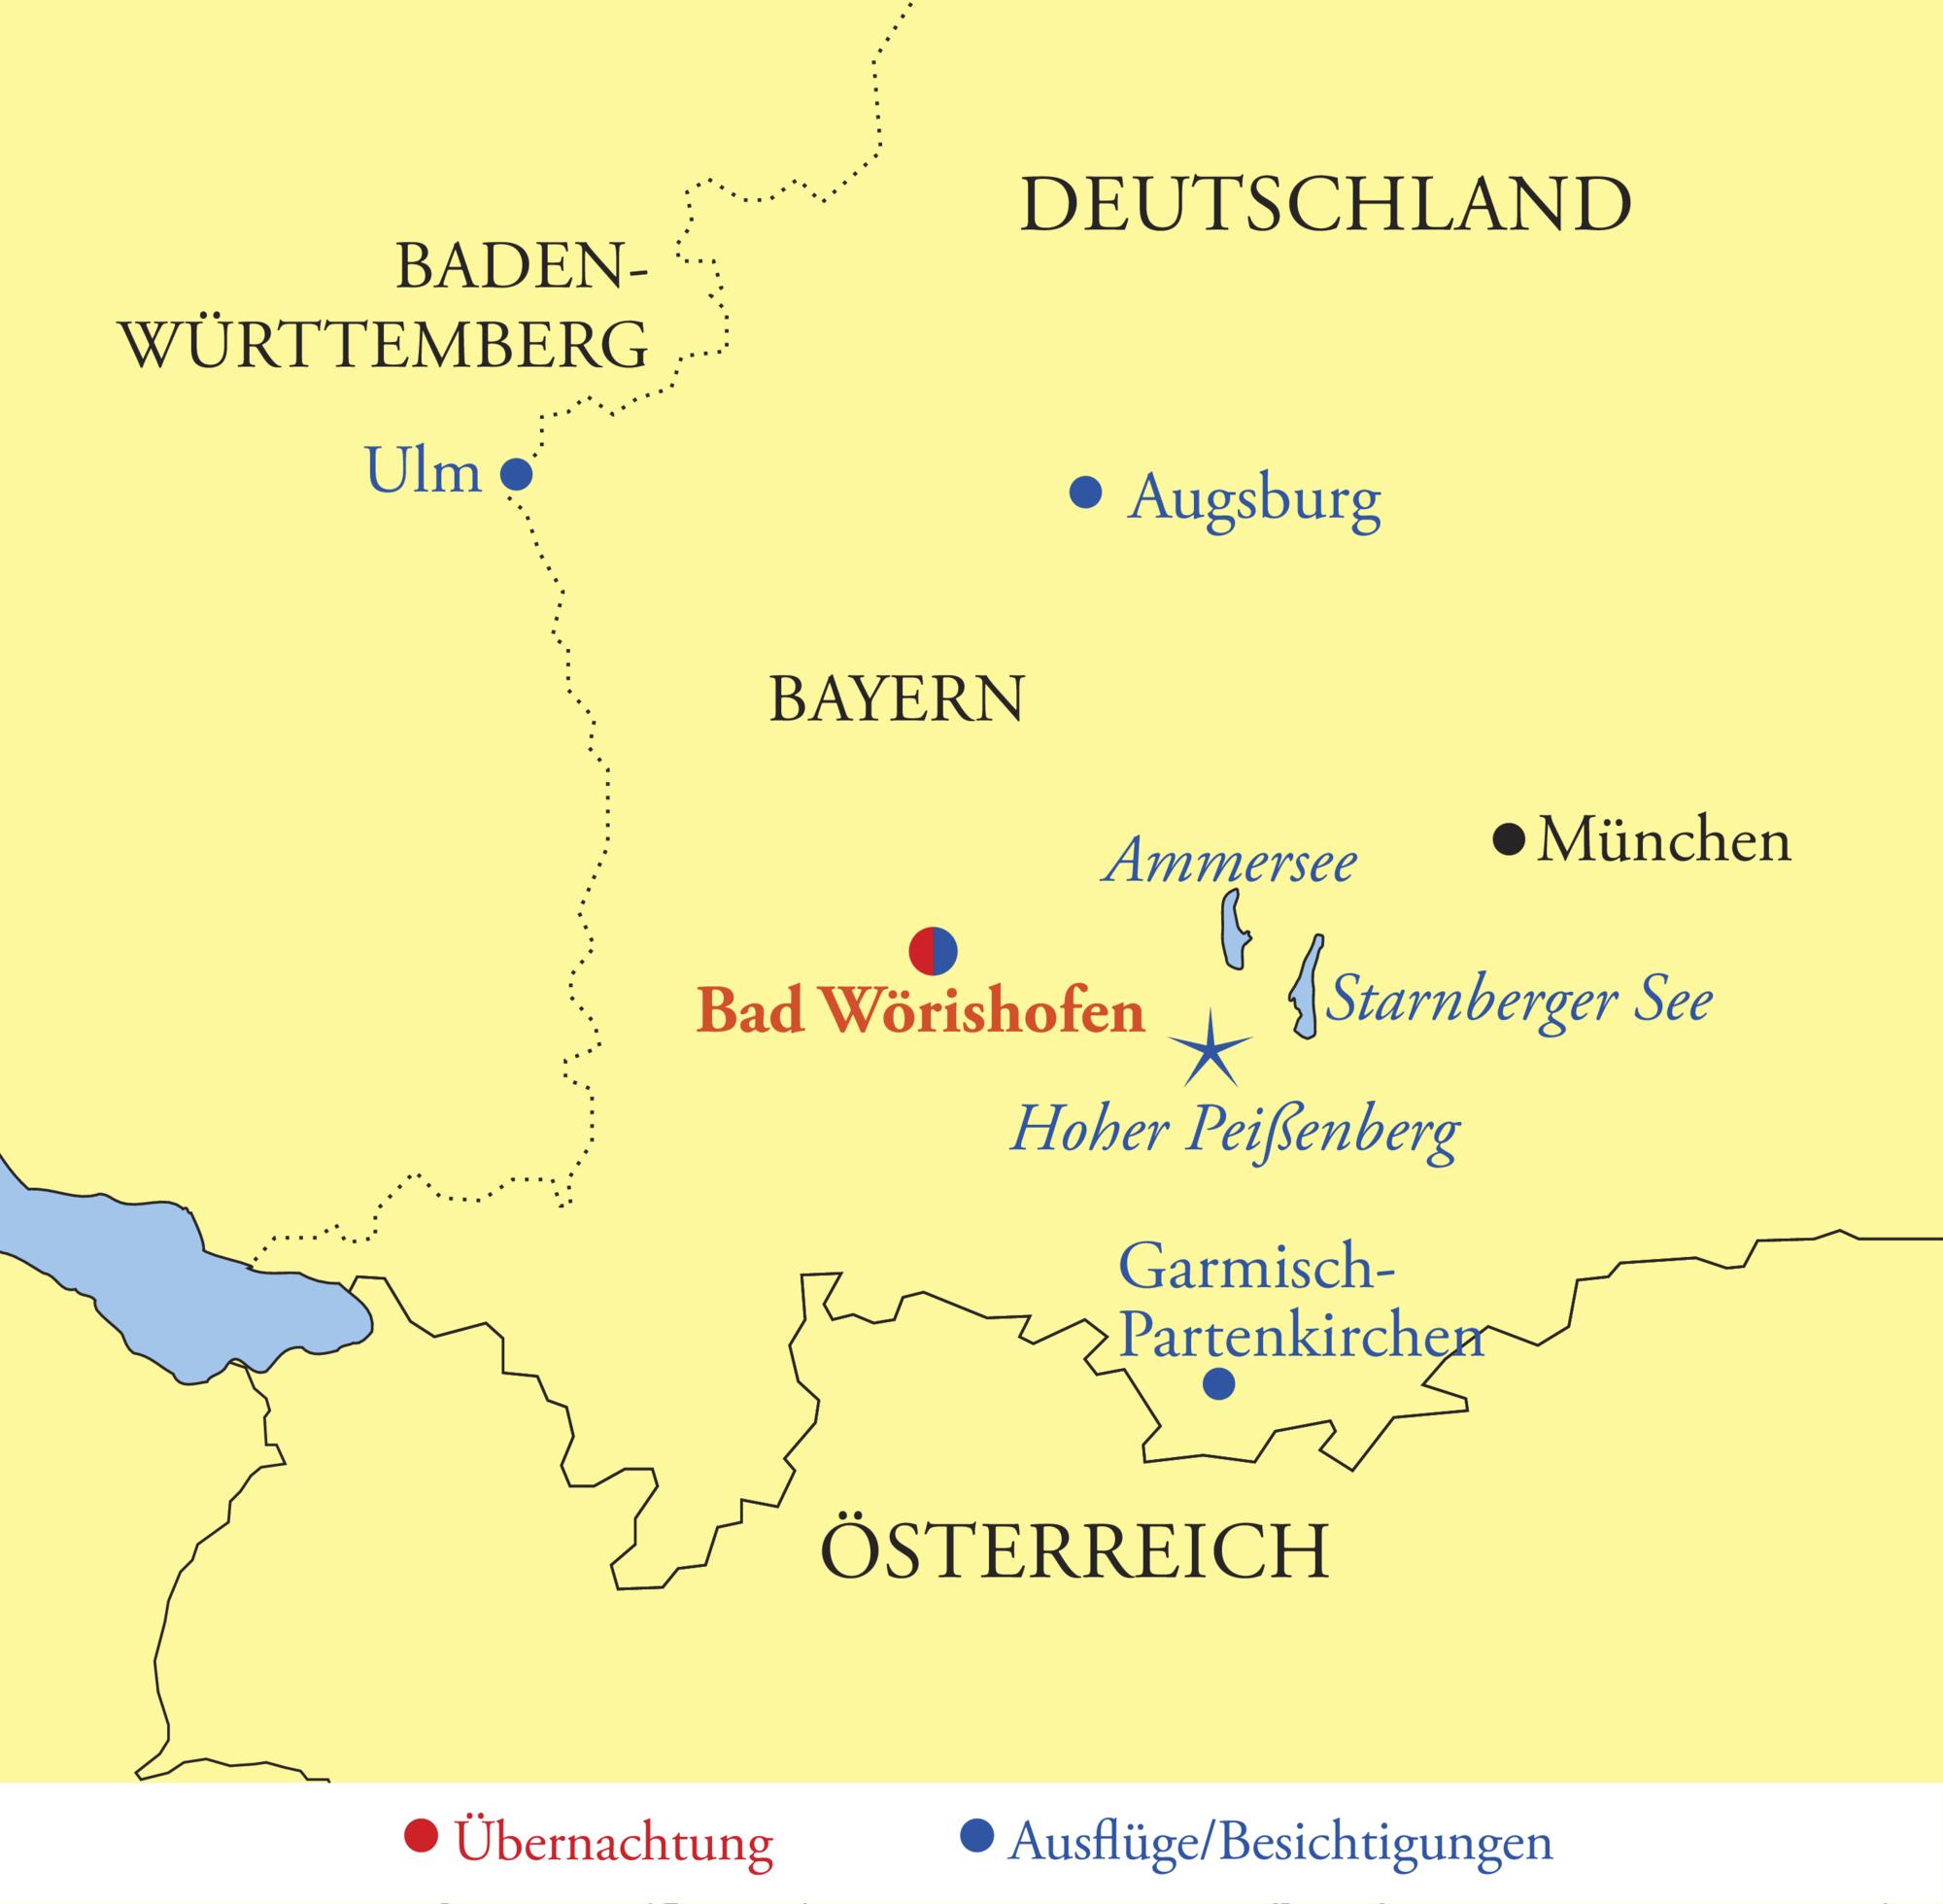 Schwaben Karte Deutschland.Unterallgäu Bad Wörishofen